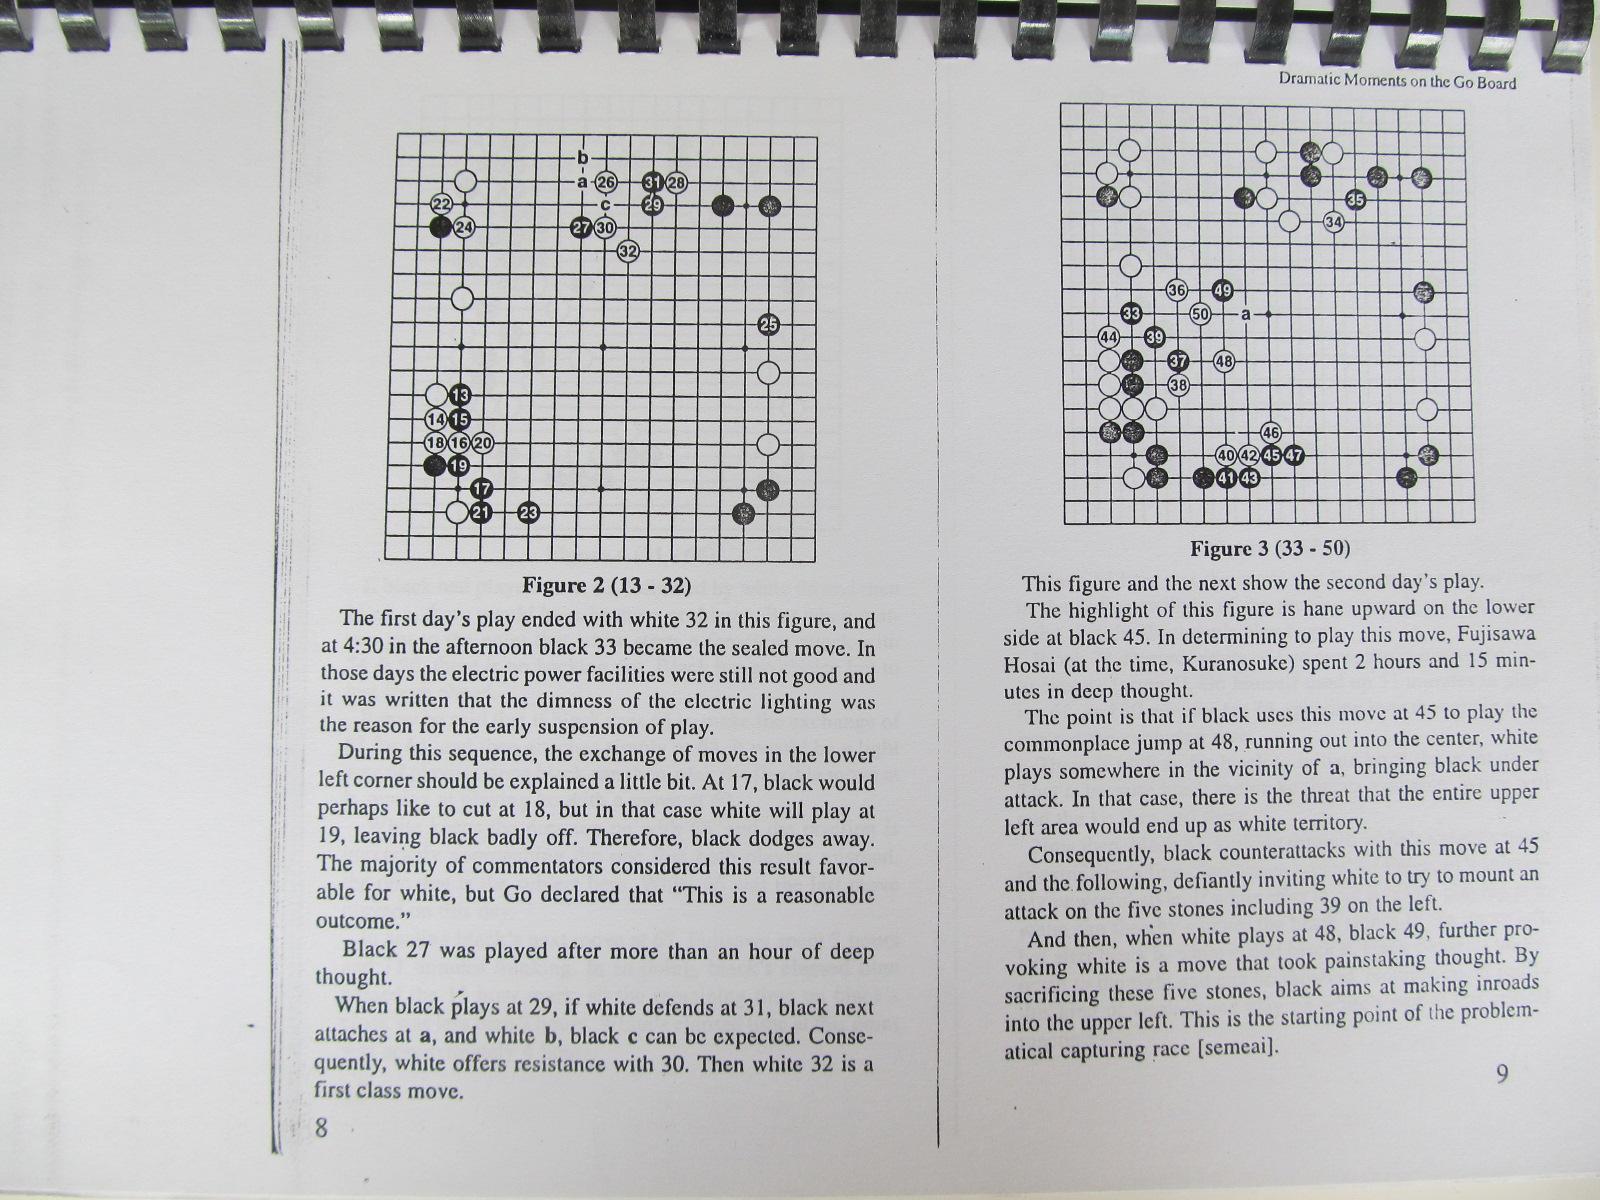 Carte Dramatic Moments on the Go Board (Carte de Go xeroxata) - Abe Yoshiteru